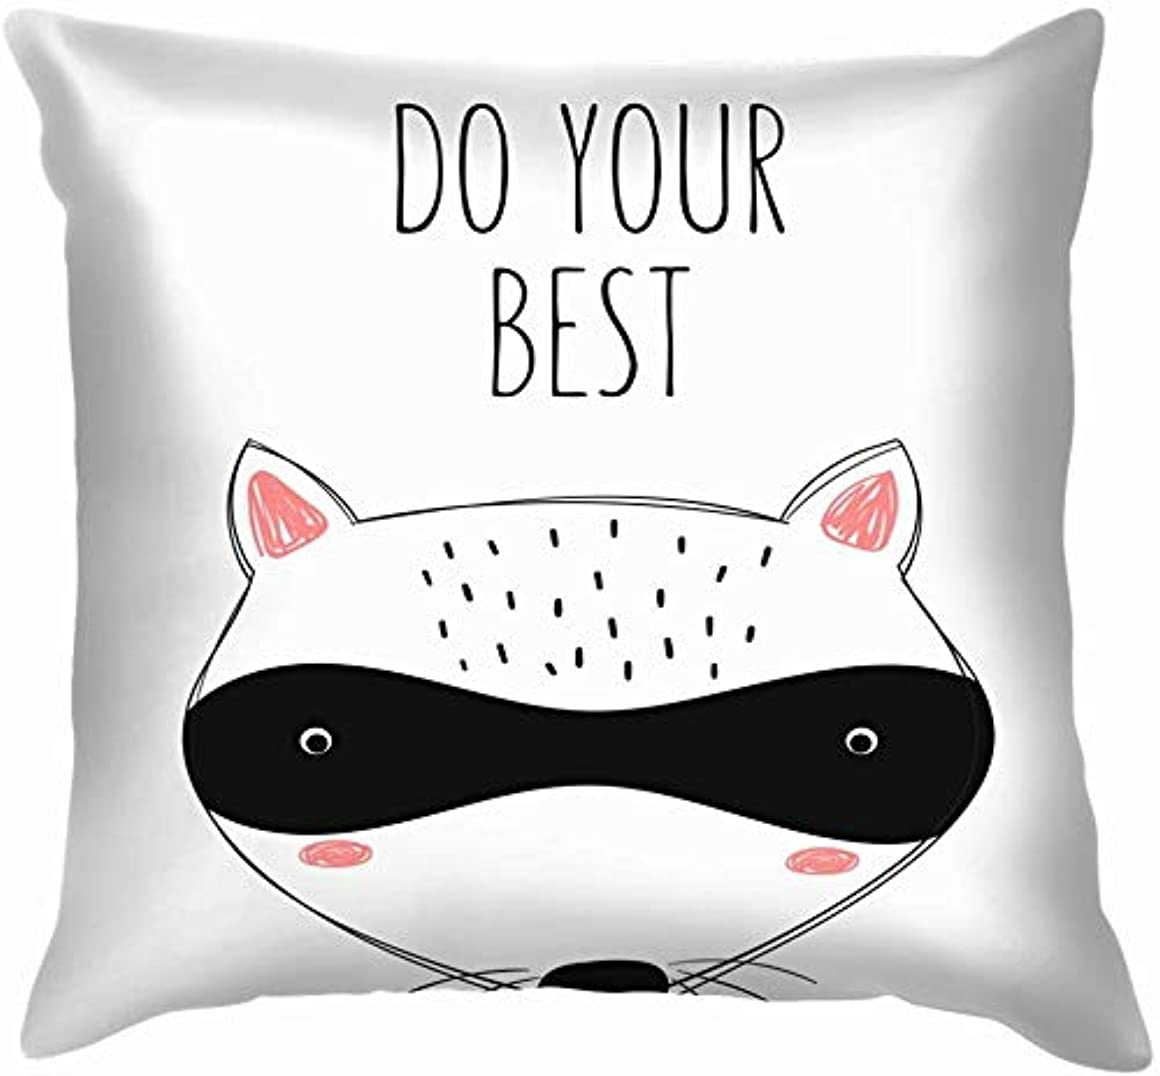 計算可能主流商業のポスターかわいい落書きアライグマ子供動物野生動物動物投げ枕カバーホームソファクッションカバー枕ギフト45×45センチ